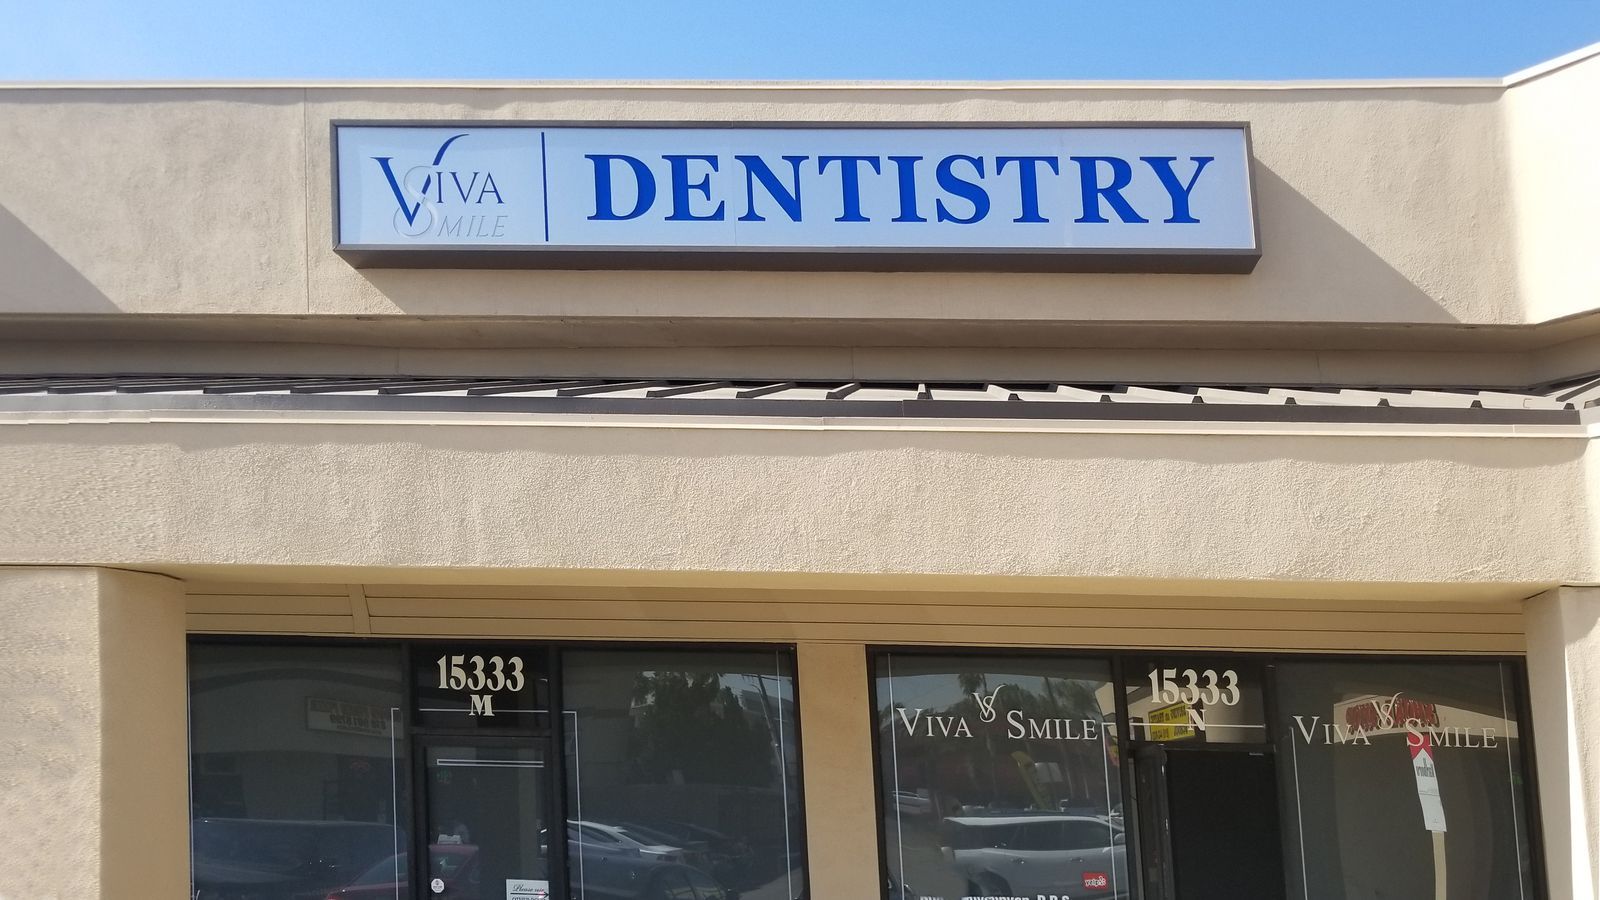 Visa smile Dentistry lightbox